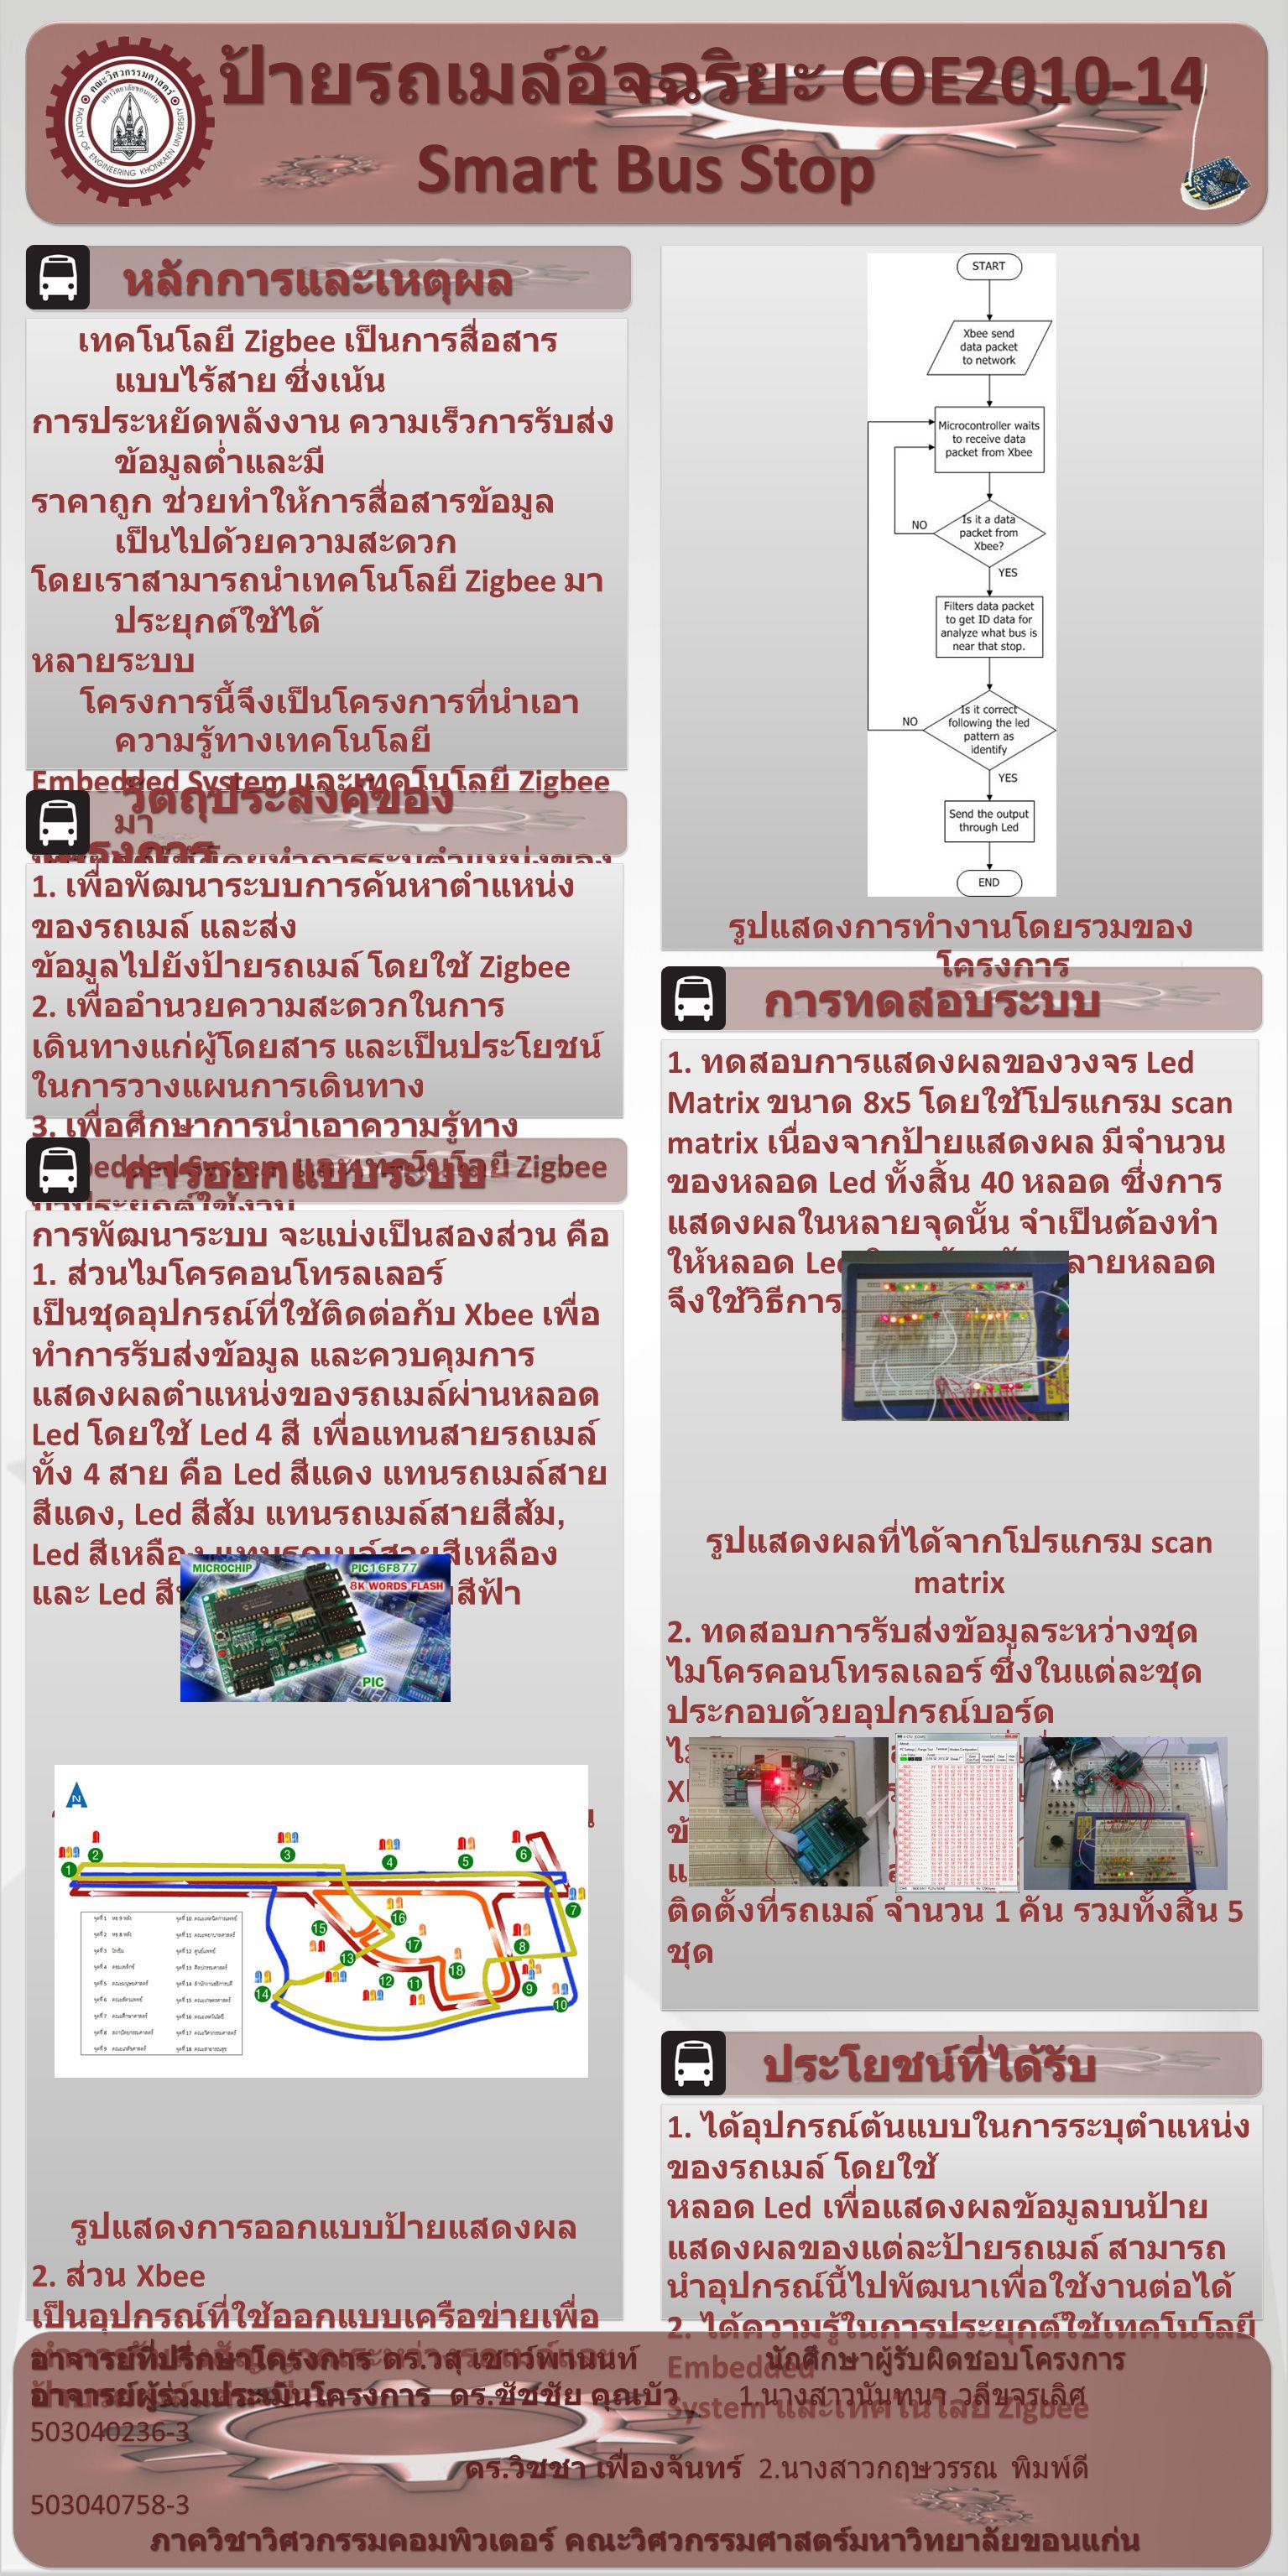 ป้ายรถเมล์อัจฉริยะ COE2010-14 Smart Bus Stop ป้ายรถเมล์อัจฉริยะ COE2010-14 Smart Bus Stop หลักการและเหตุผล หลักการและเหตุผล เทคโนโลยี Zigbee เป็นการสื